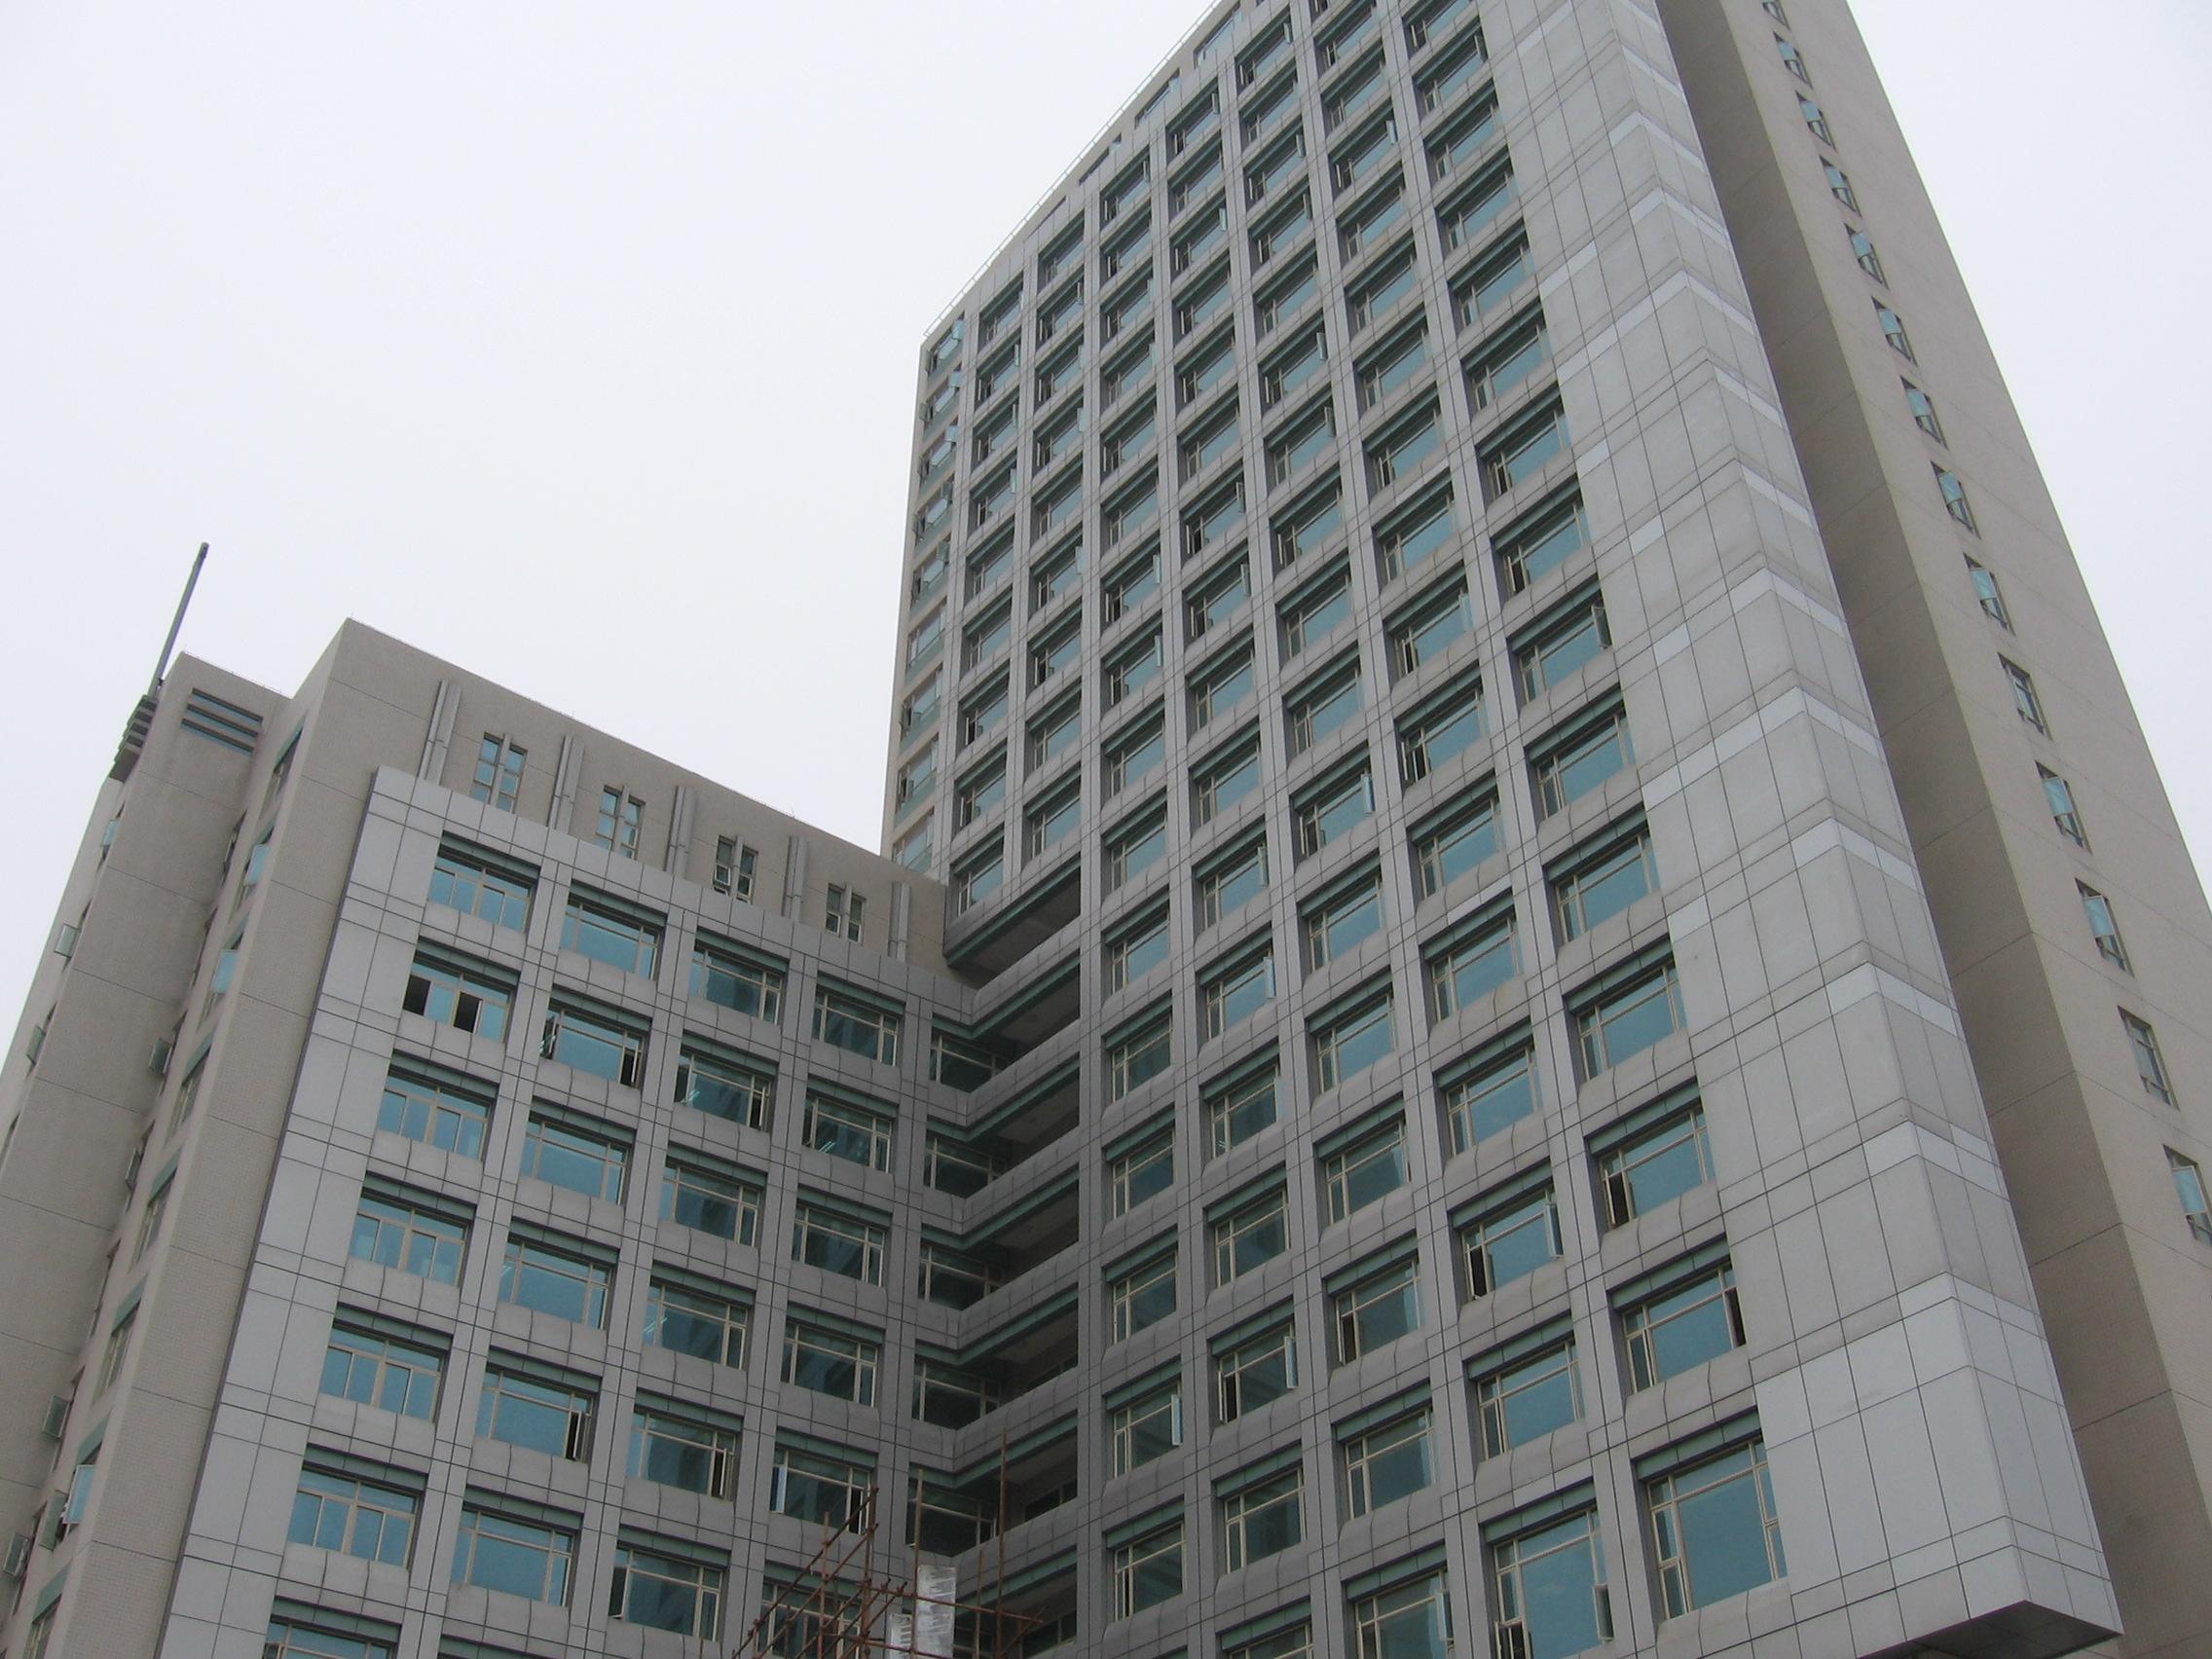 廣州電信大樓